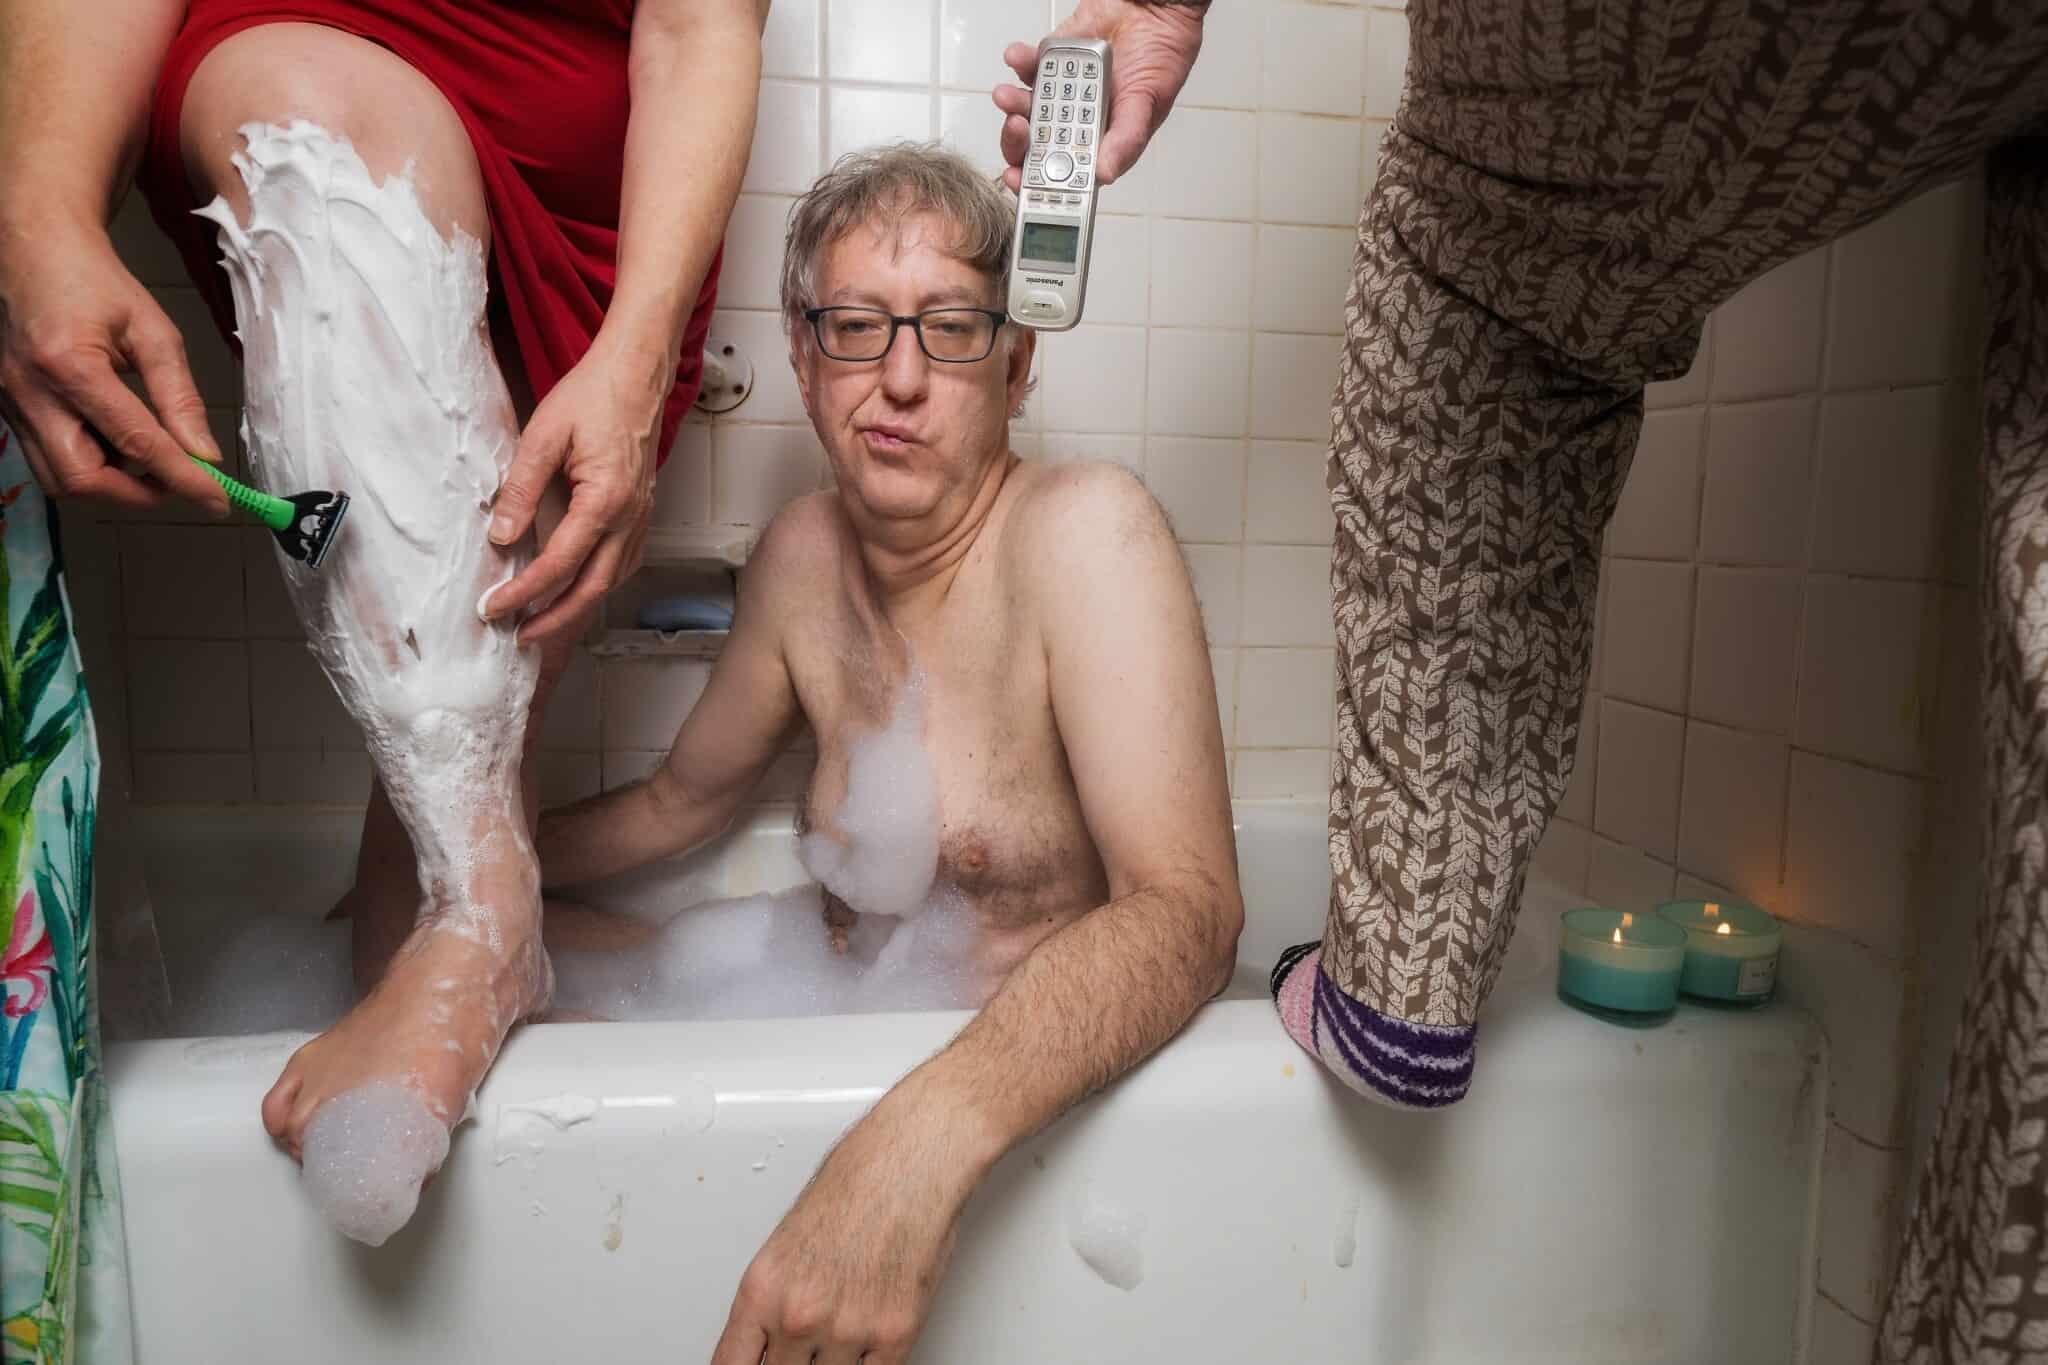 הכותב והצלם ניל קריימר באמבטיה בסגנון סגר, עם אמו וגרושתו מצטופפות סביבו (צילום: באדיבות קריימר)